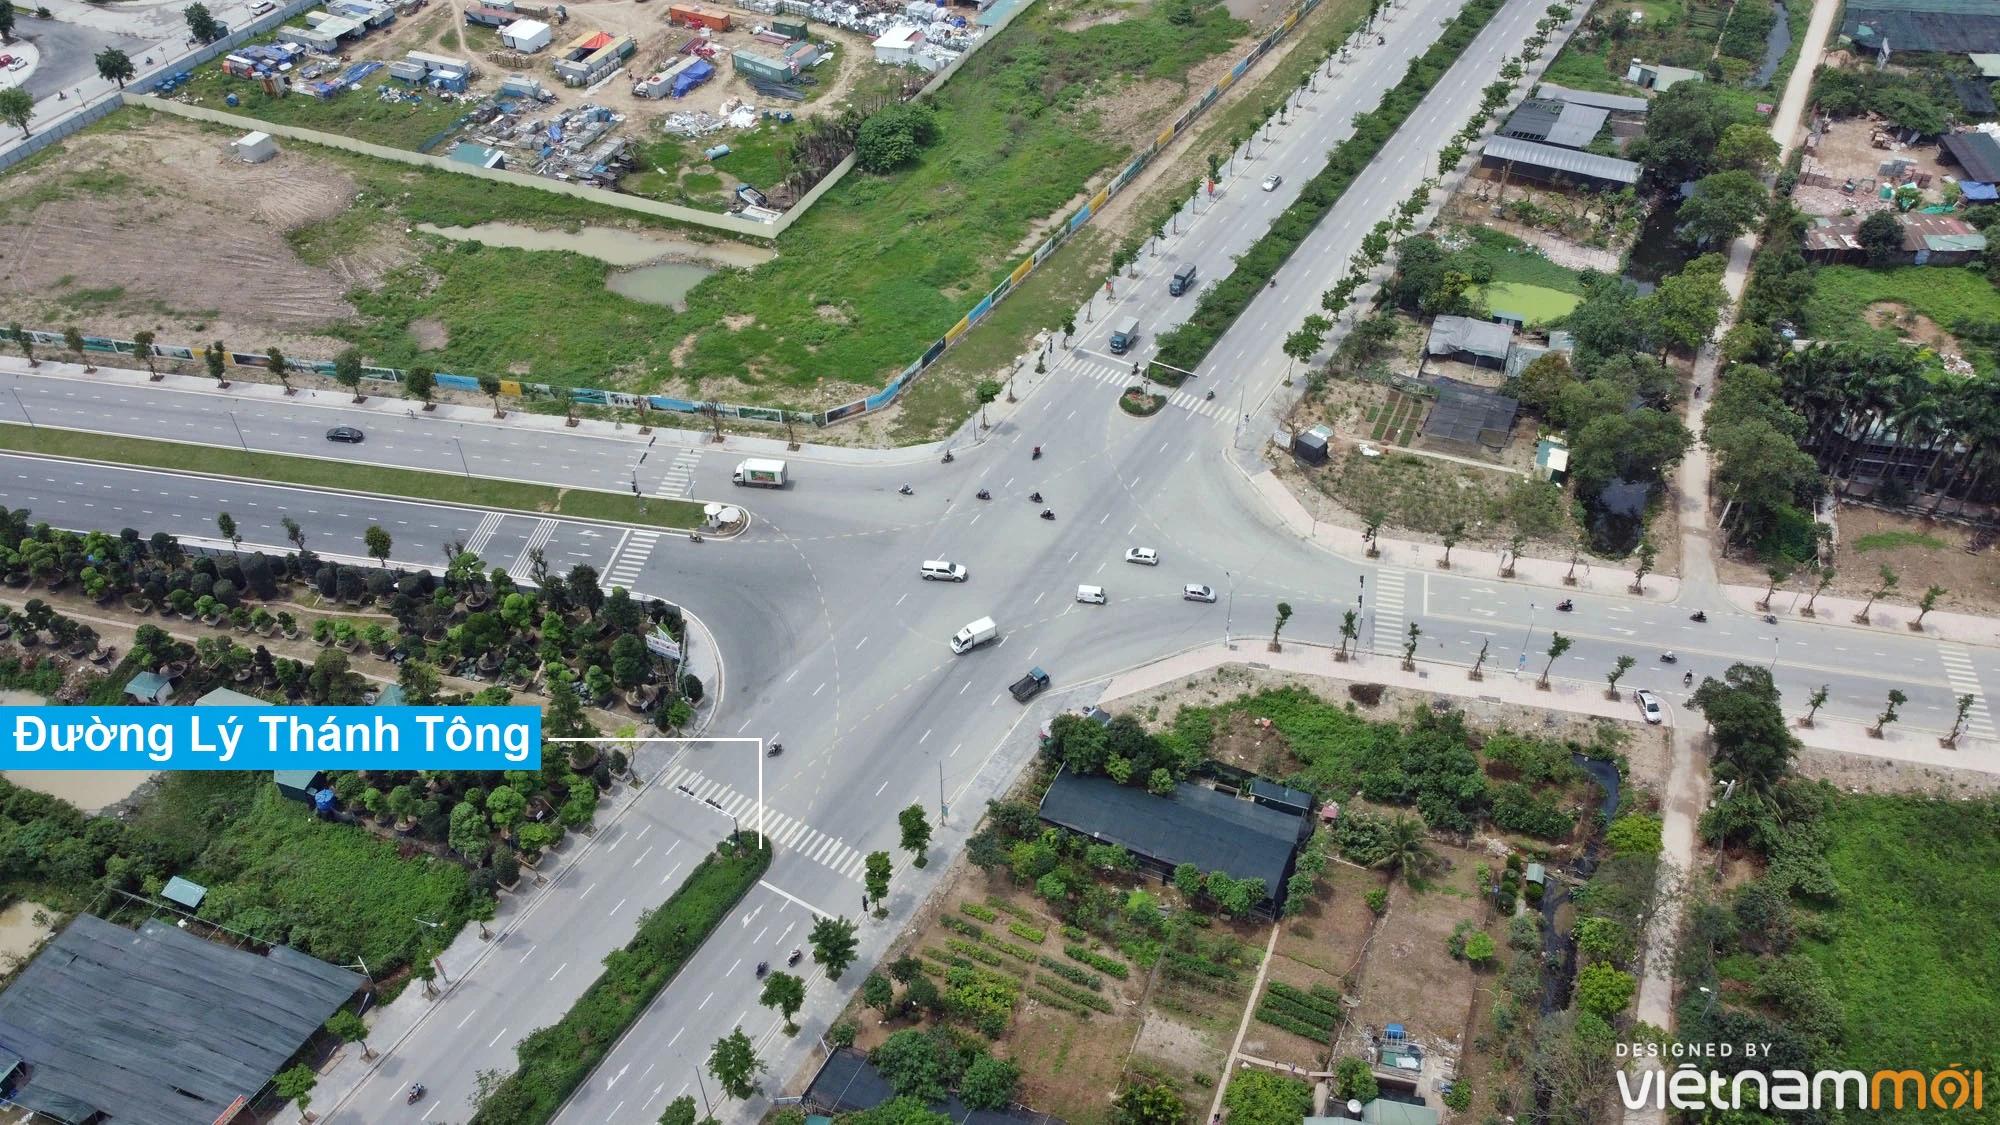 Toàn cảnh đường từ Kiêu Kỵ đến sông Cầu Bây qua Vinhomes Ocean Park đang mở theo quy hoạch ở Hà Nội - Ảnh 5.